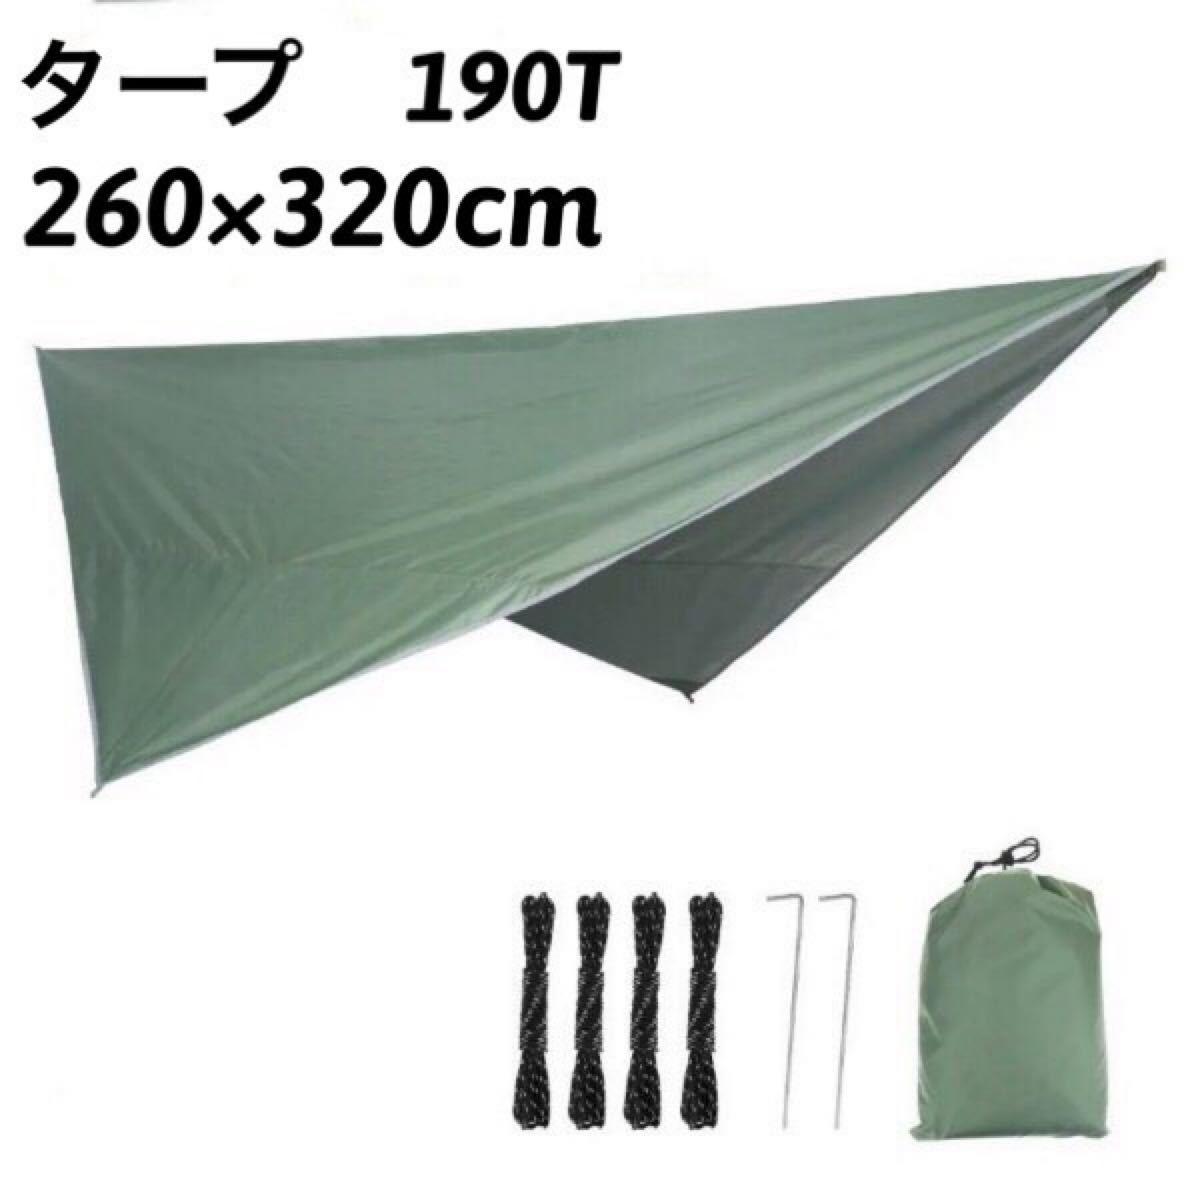 タープ190T 260×320cm アーミーグリーン キャンプ テント タープ 防水 タープテント 紫外線カット キャンプ用品